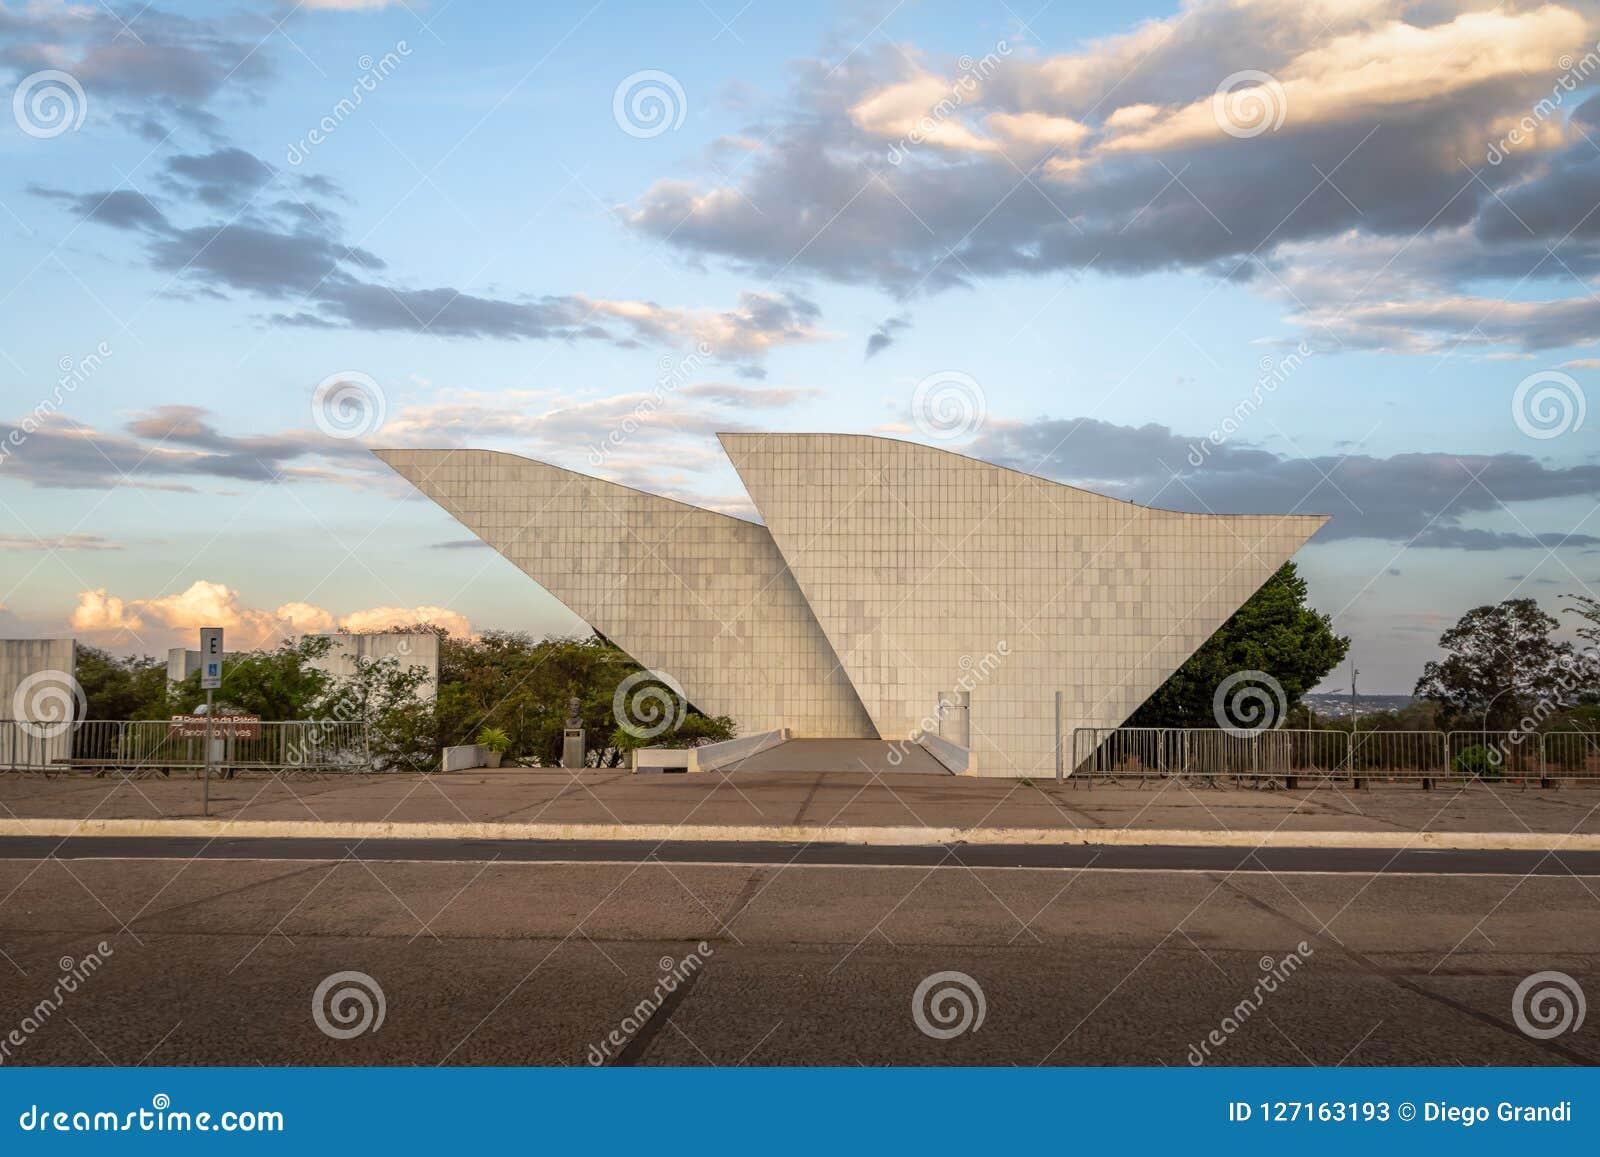 祖国和自由的坦克雷多・内维斯万神殿在三力量广场-巴西利亚,联邦的Distrito,巴西